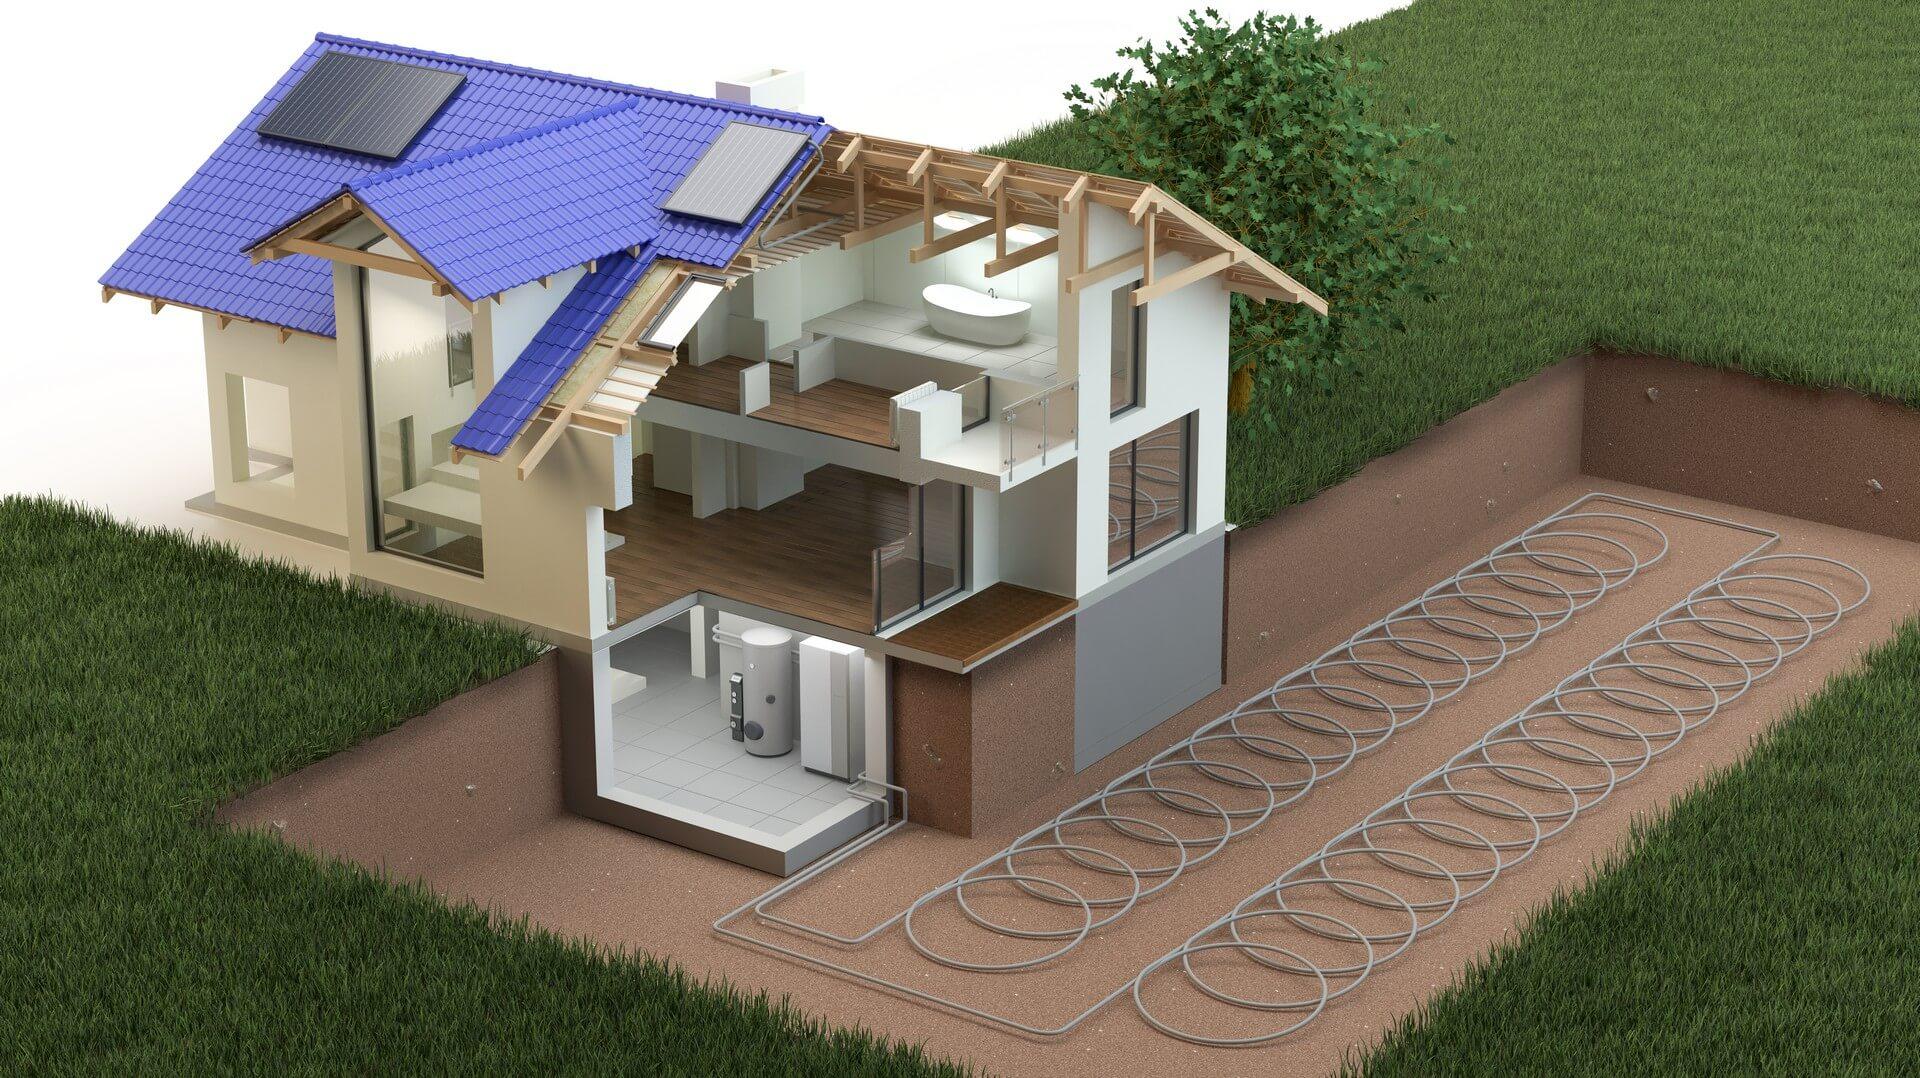 »Čez nekaj let bo vsaka hiša imela toplotno črpalko, sončno elektrarno in e-avto«